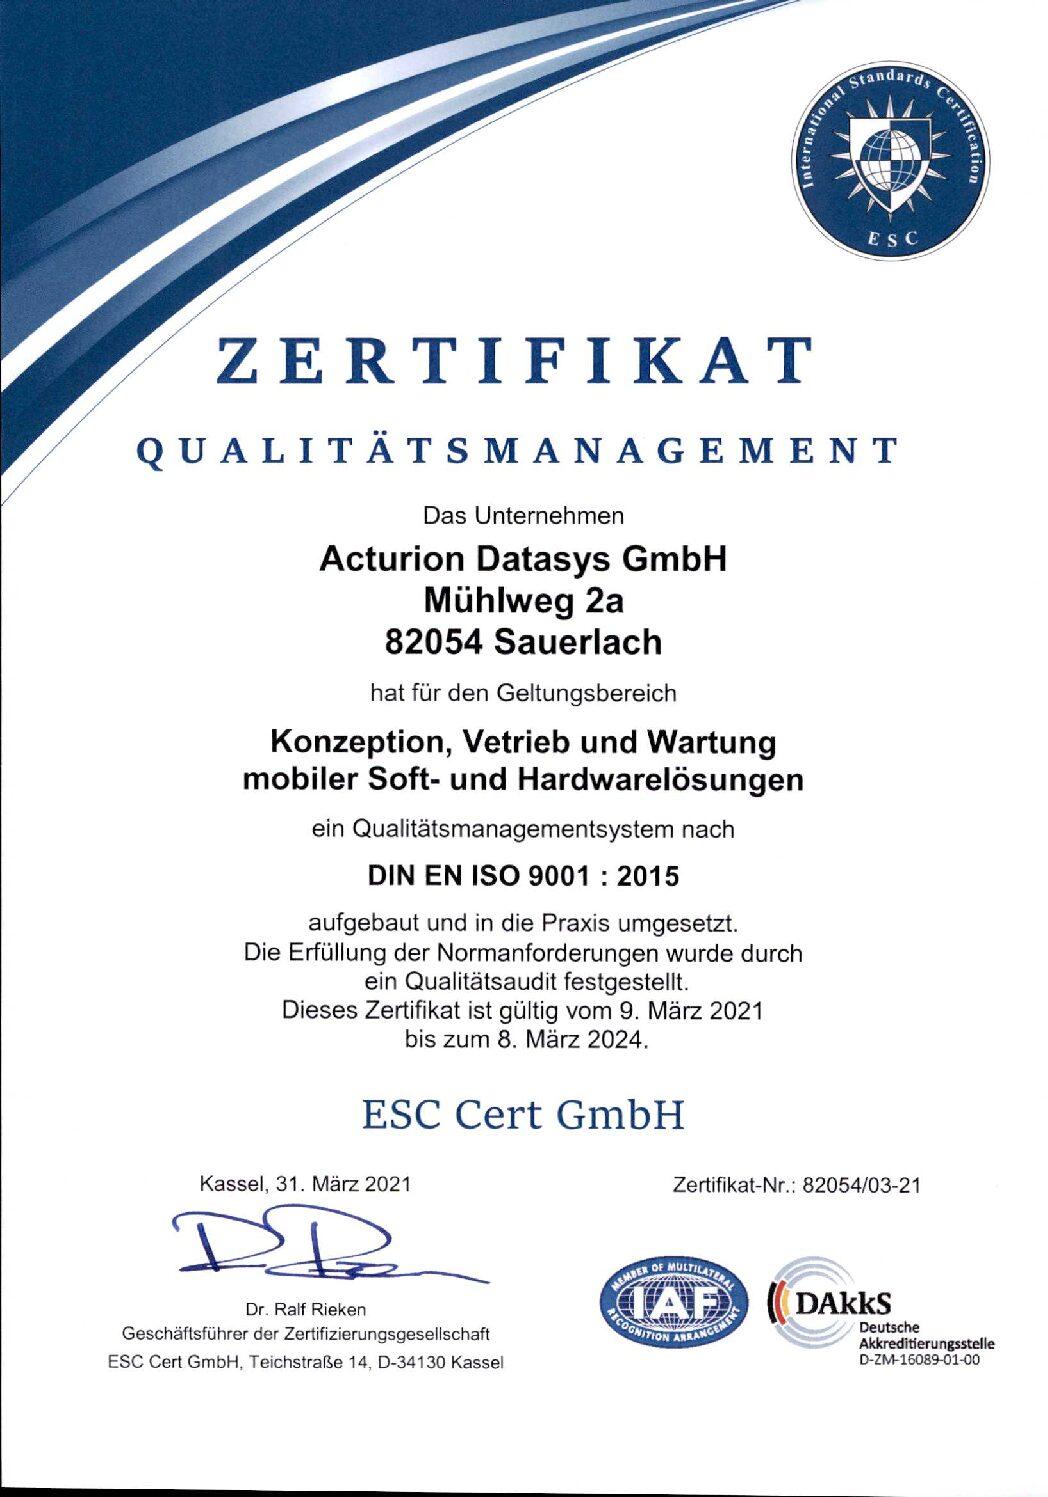 Zertifikat_ISO